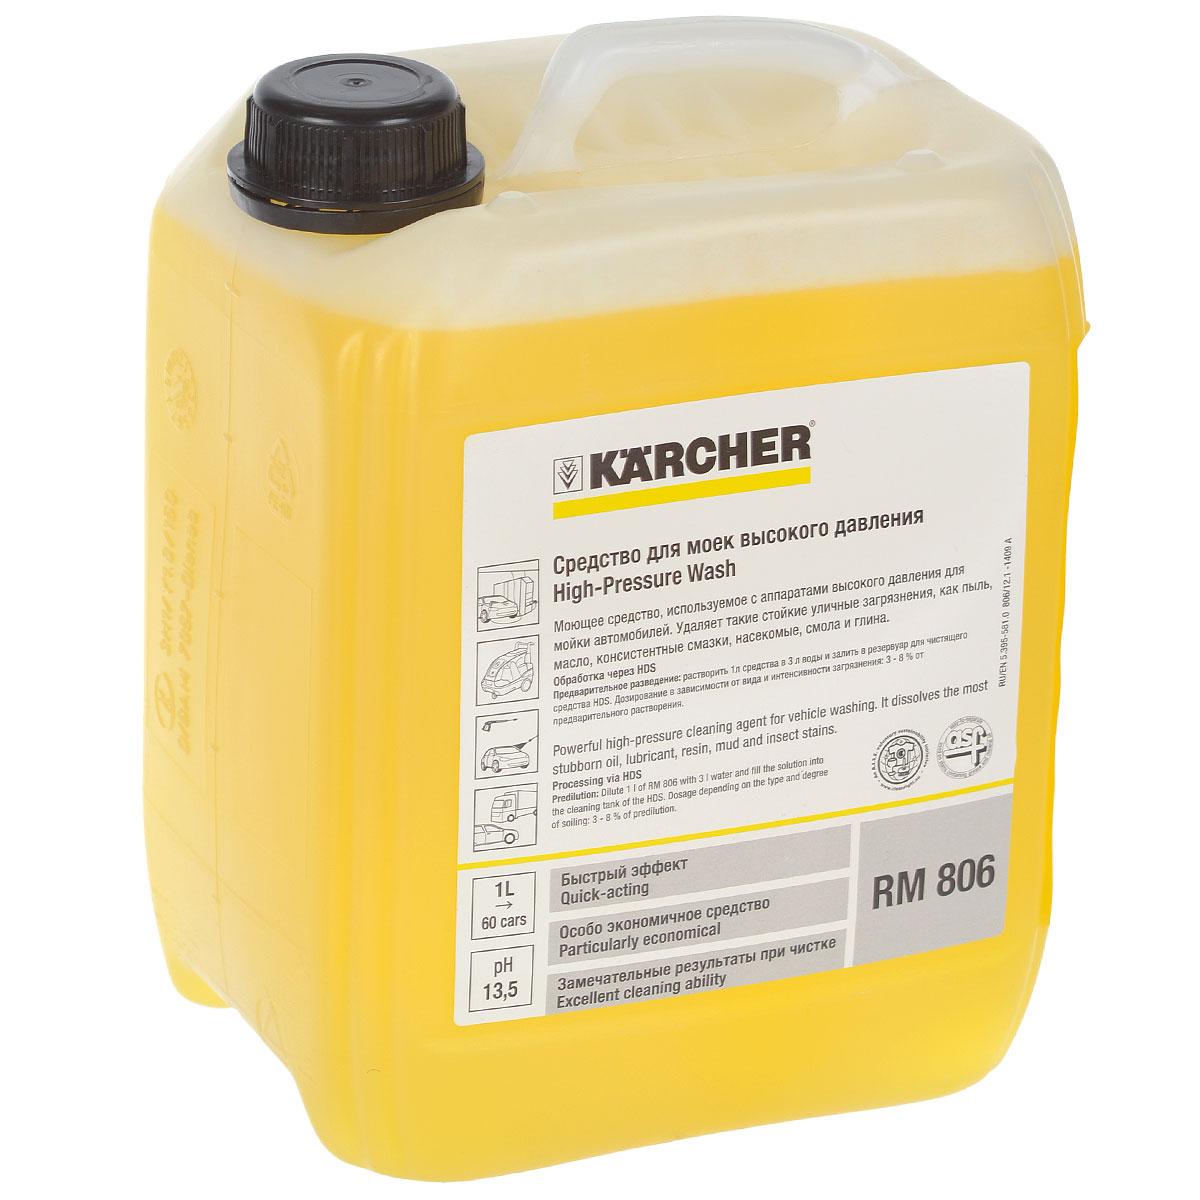 Автошампунь Karcher High-Pressure Wash для моек высокого давления 5л 6.295-504.06.295-504.0Автошампунь Karcher High-Pressure Wash - это концентрированное чистящее средство, которое удаляет любые стойкие загрязнения, такие как: - уличная пыль, - масло, - консистентные смазки, - следы насекомых, - смола, - глина. Моющее средство используется с аппаратами высокого давления для мойки автомобилей. 1 л средства хватает для мойки 60 машин. Объем: 5 л.